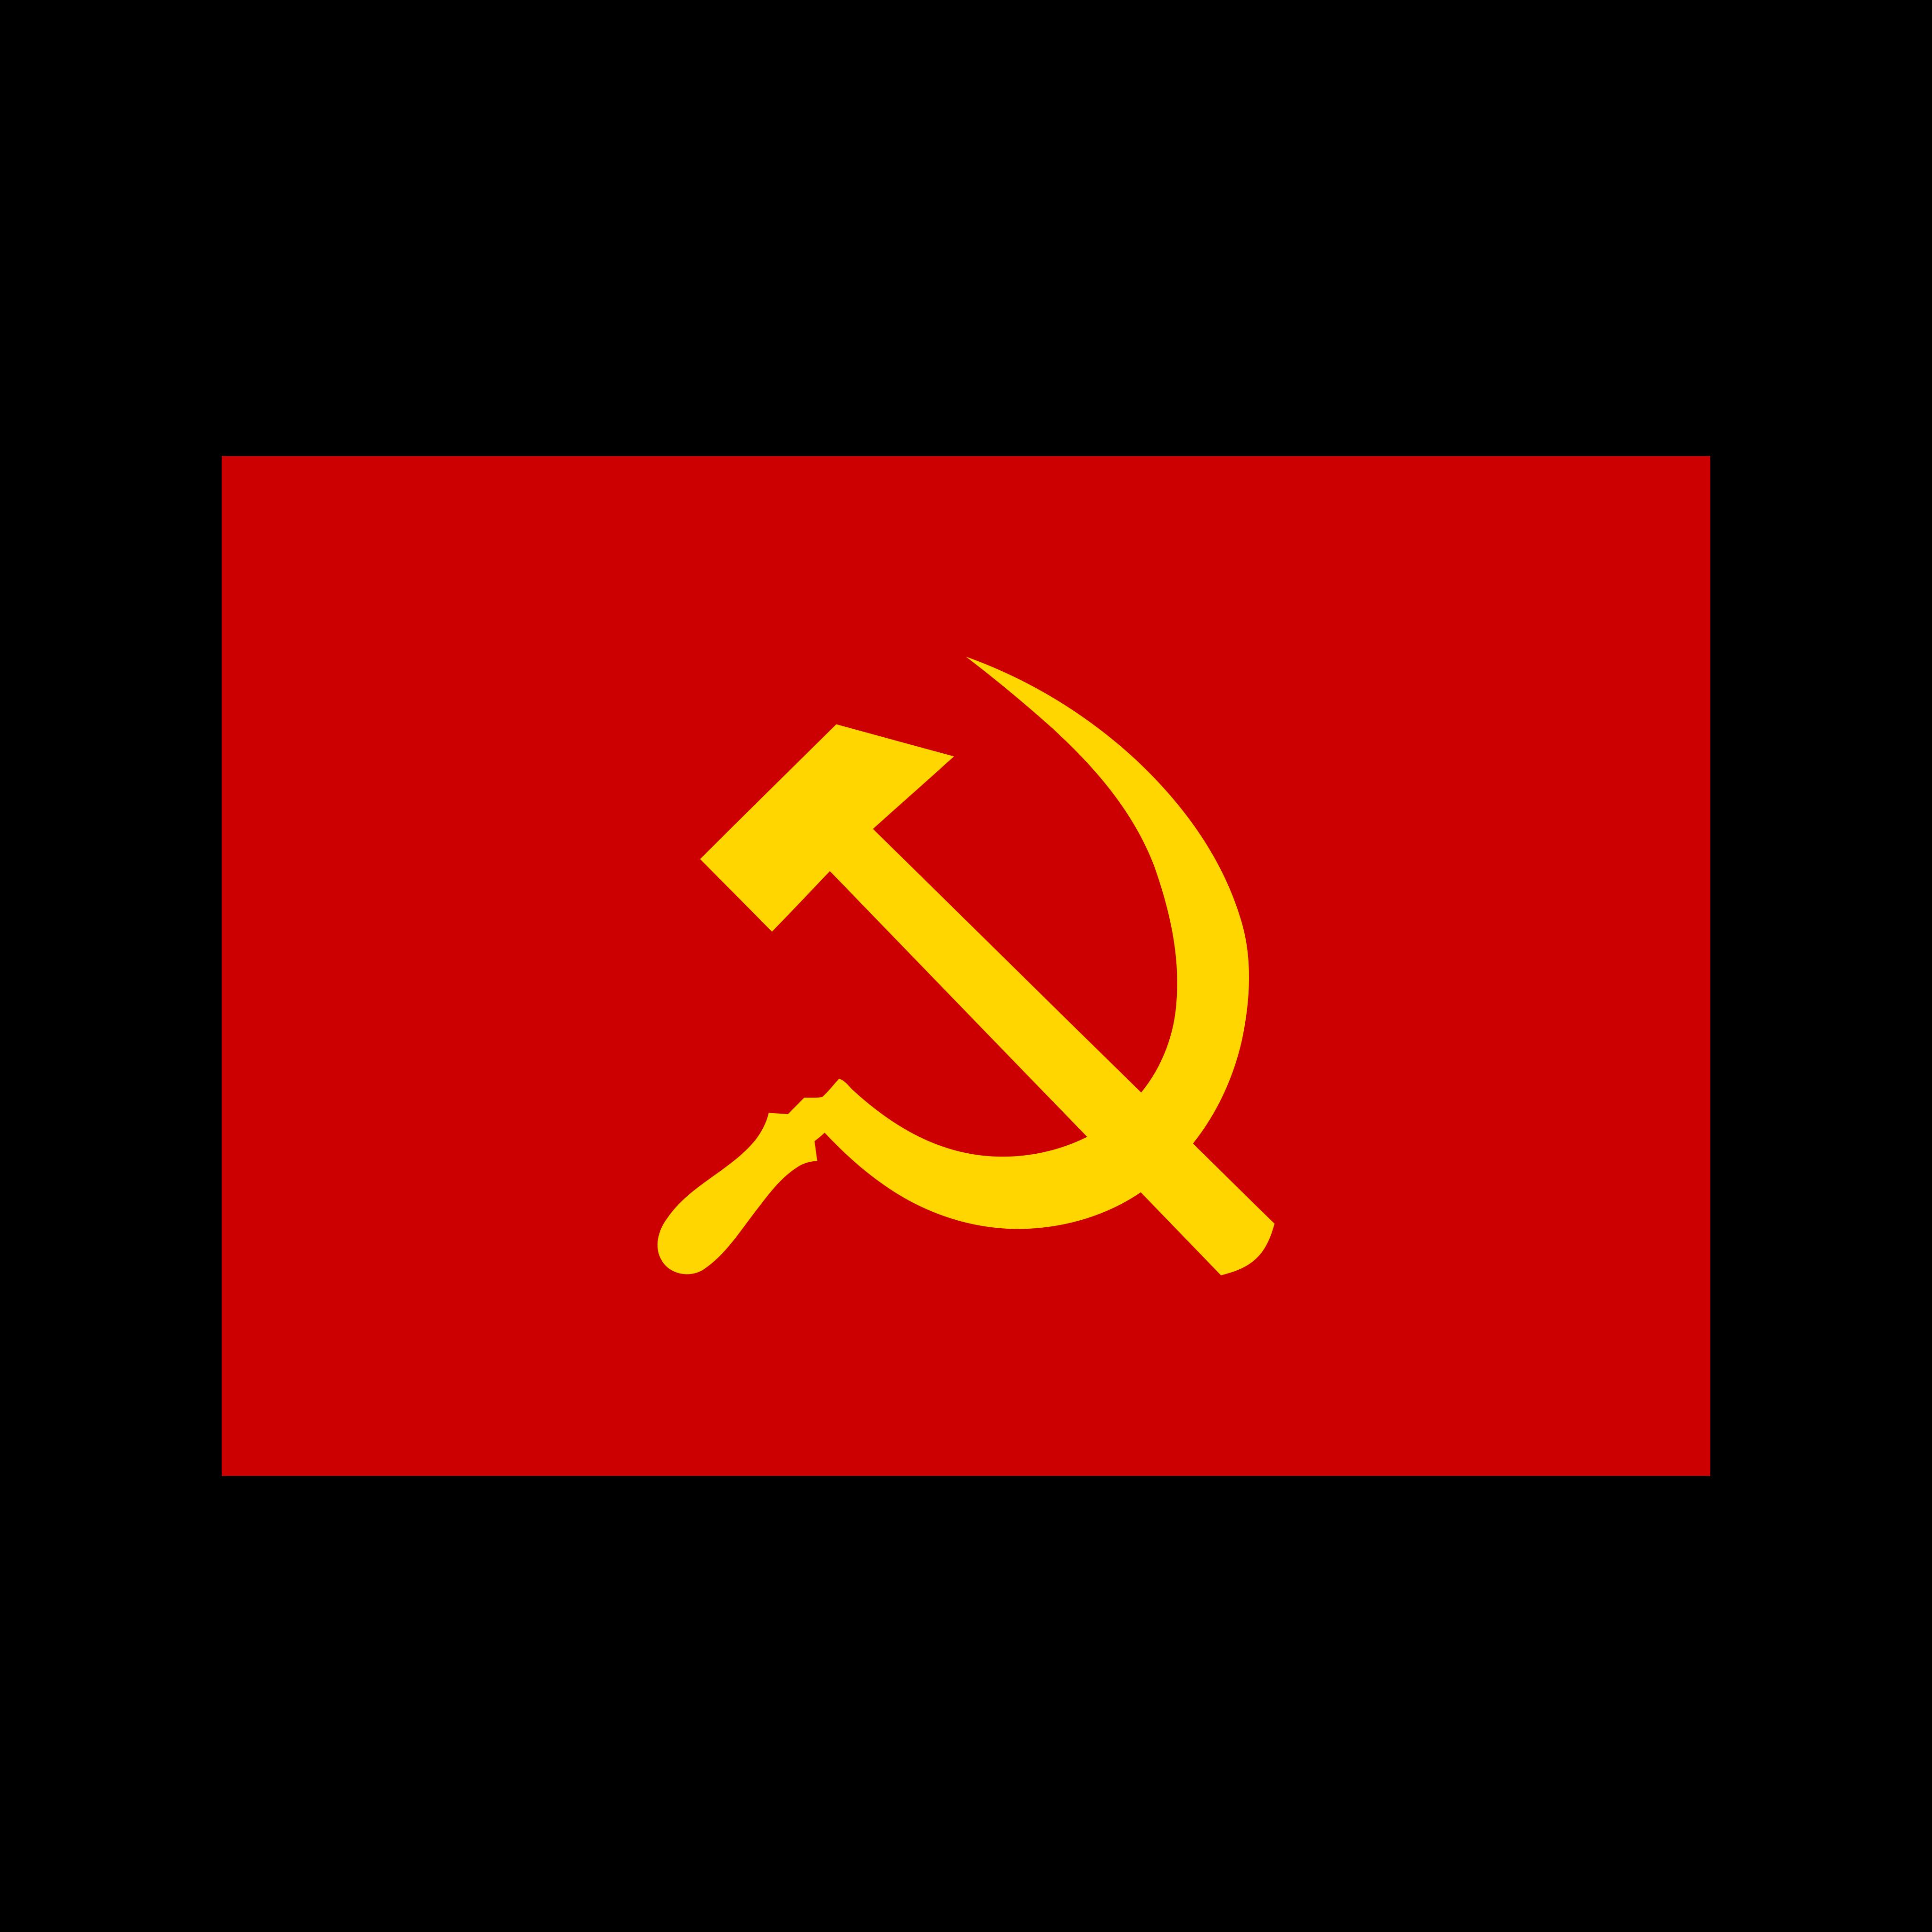 communism logo 0 - Comunismo Logo